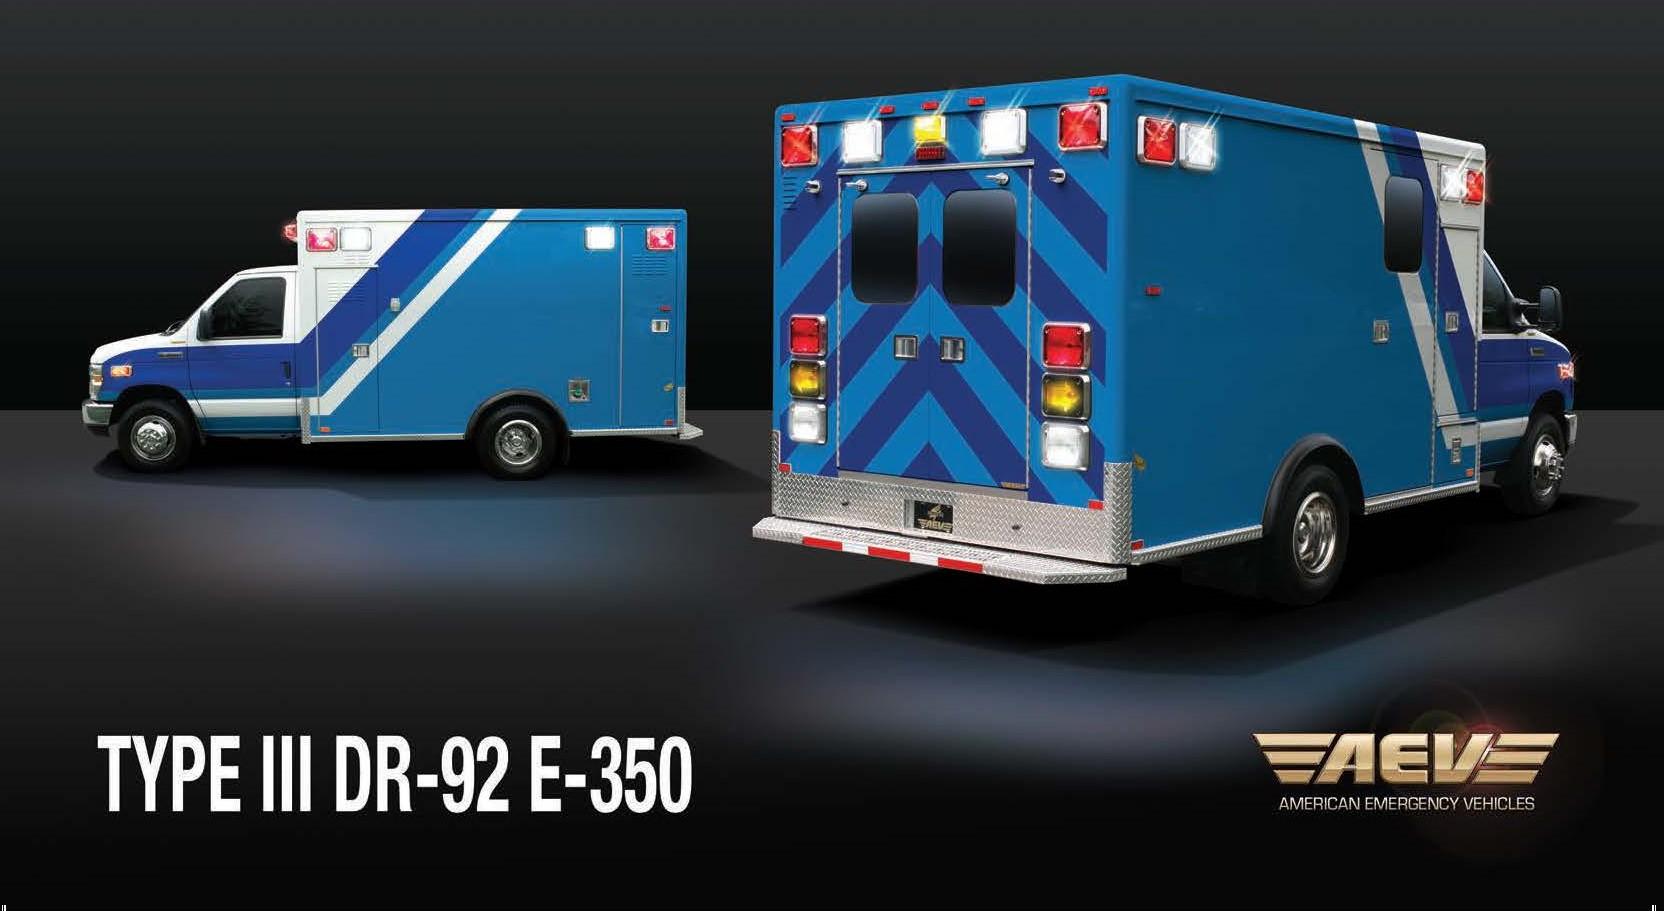 AEV FORD DR-92.jpg